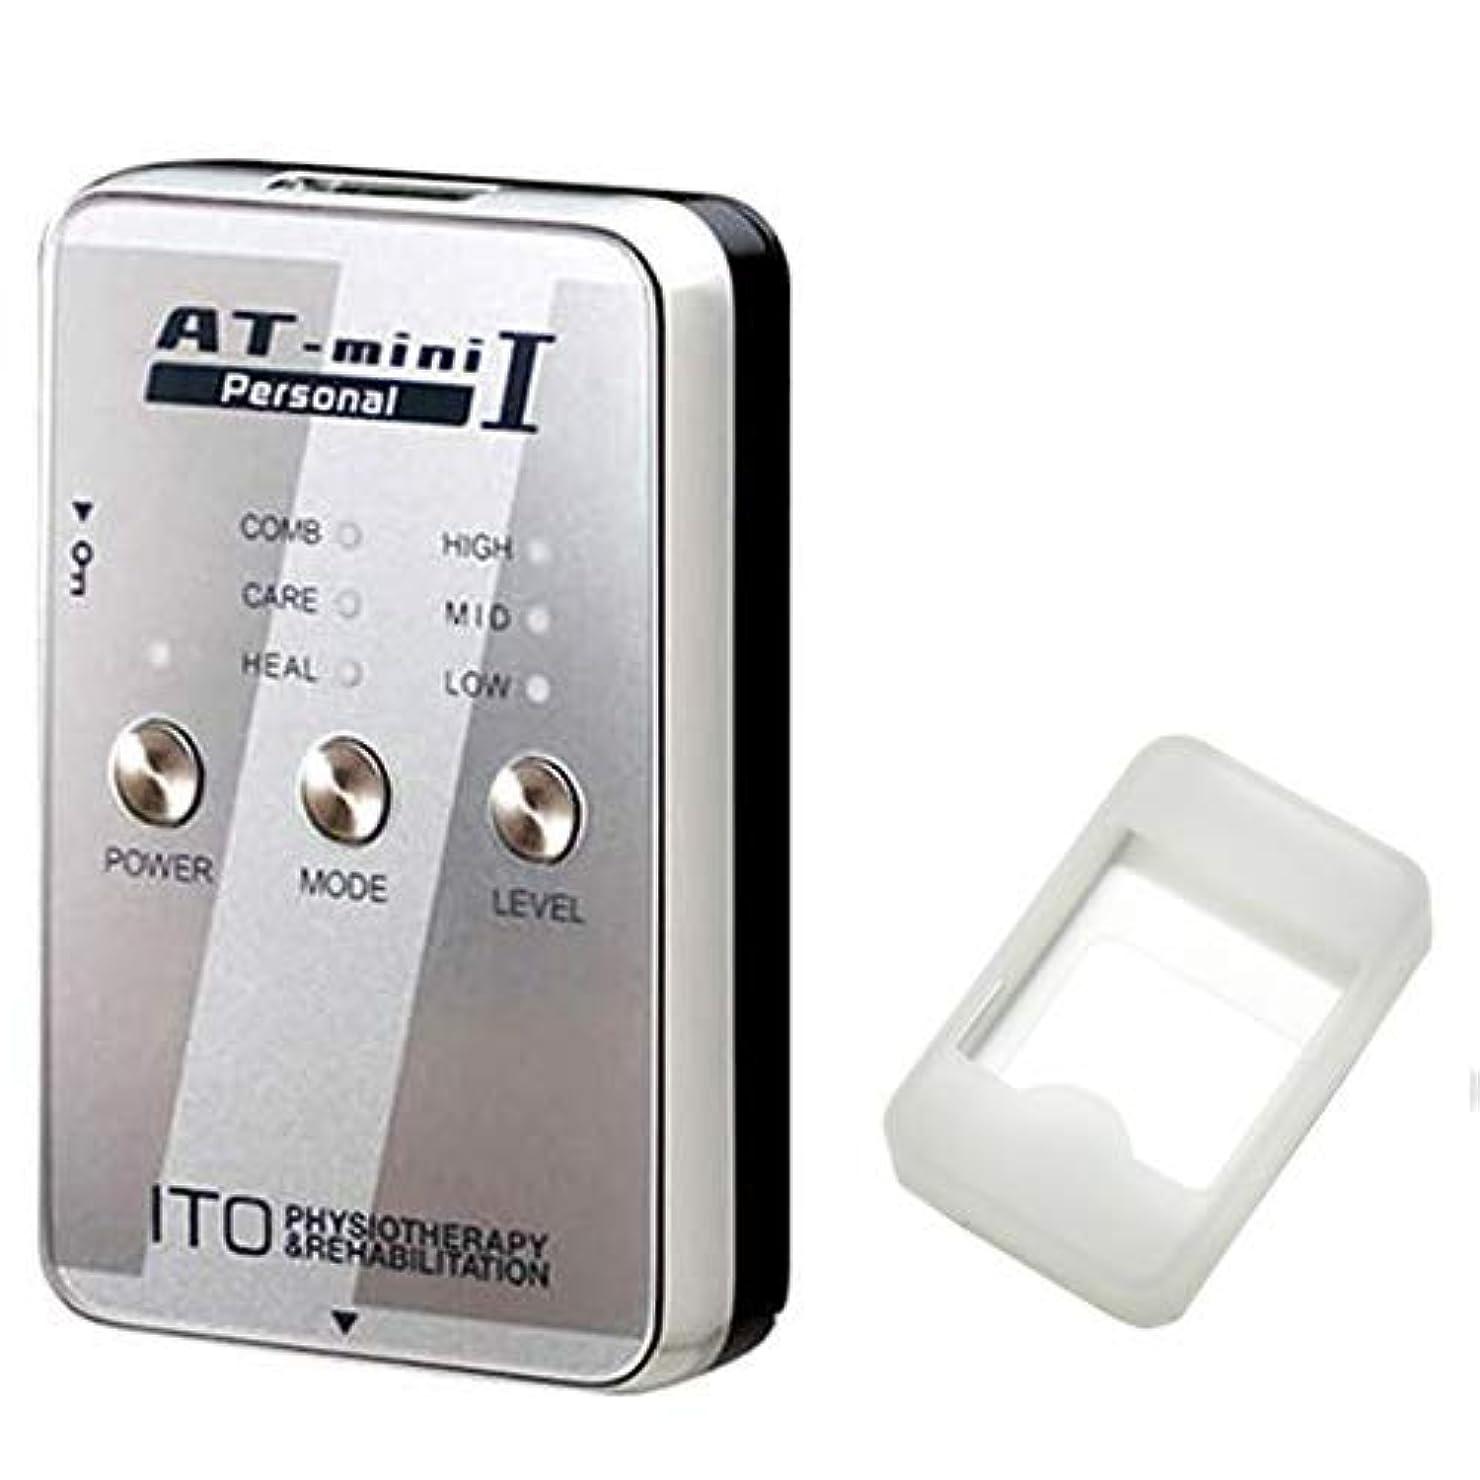 型プロフェッショナルアルファベット順低周波治療器 AT-mini personal I シルバー (ATミニパーソナル1) + シリコン保護ケース